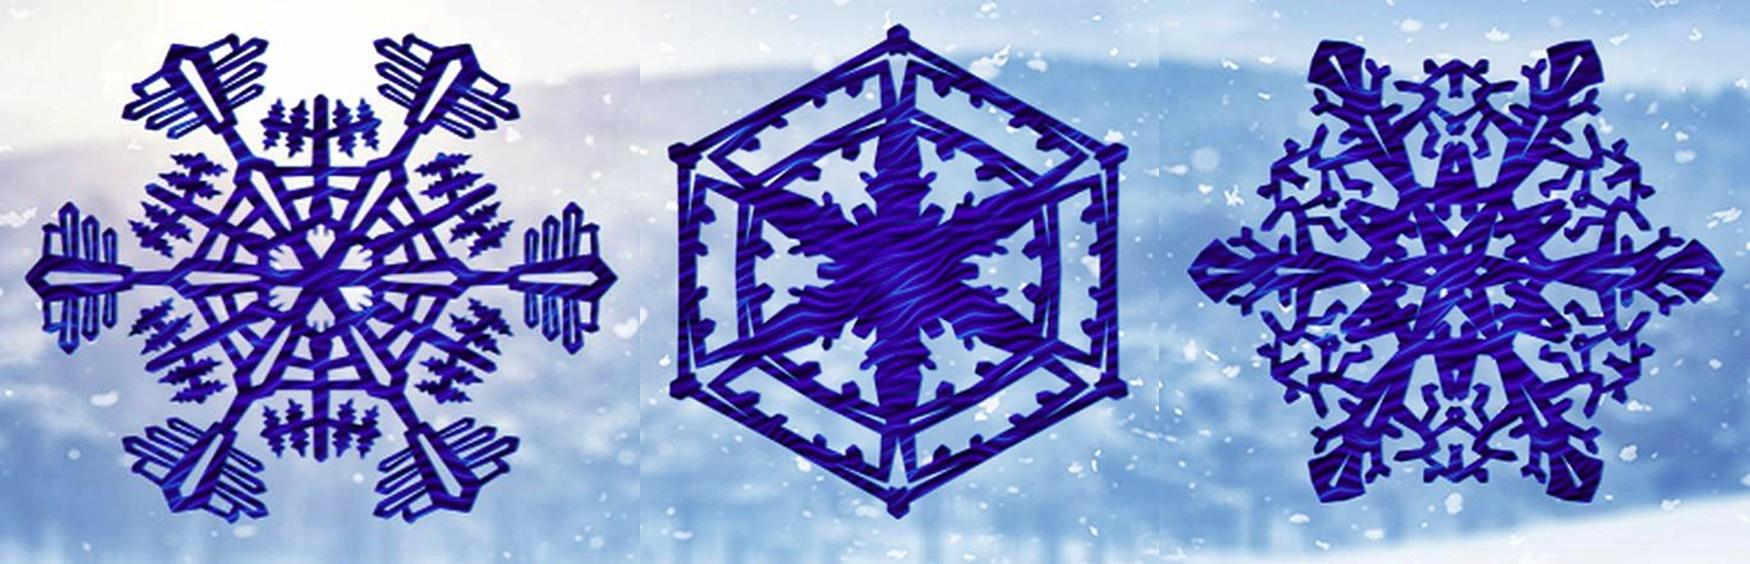 1-izberete-snegulka-i-otkrijte-koja-nesrekja-ve-sledi-od-minatiot-zhivot-www.kafepauza.mk_